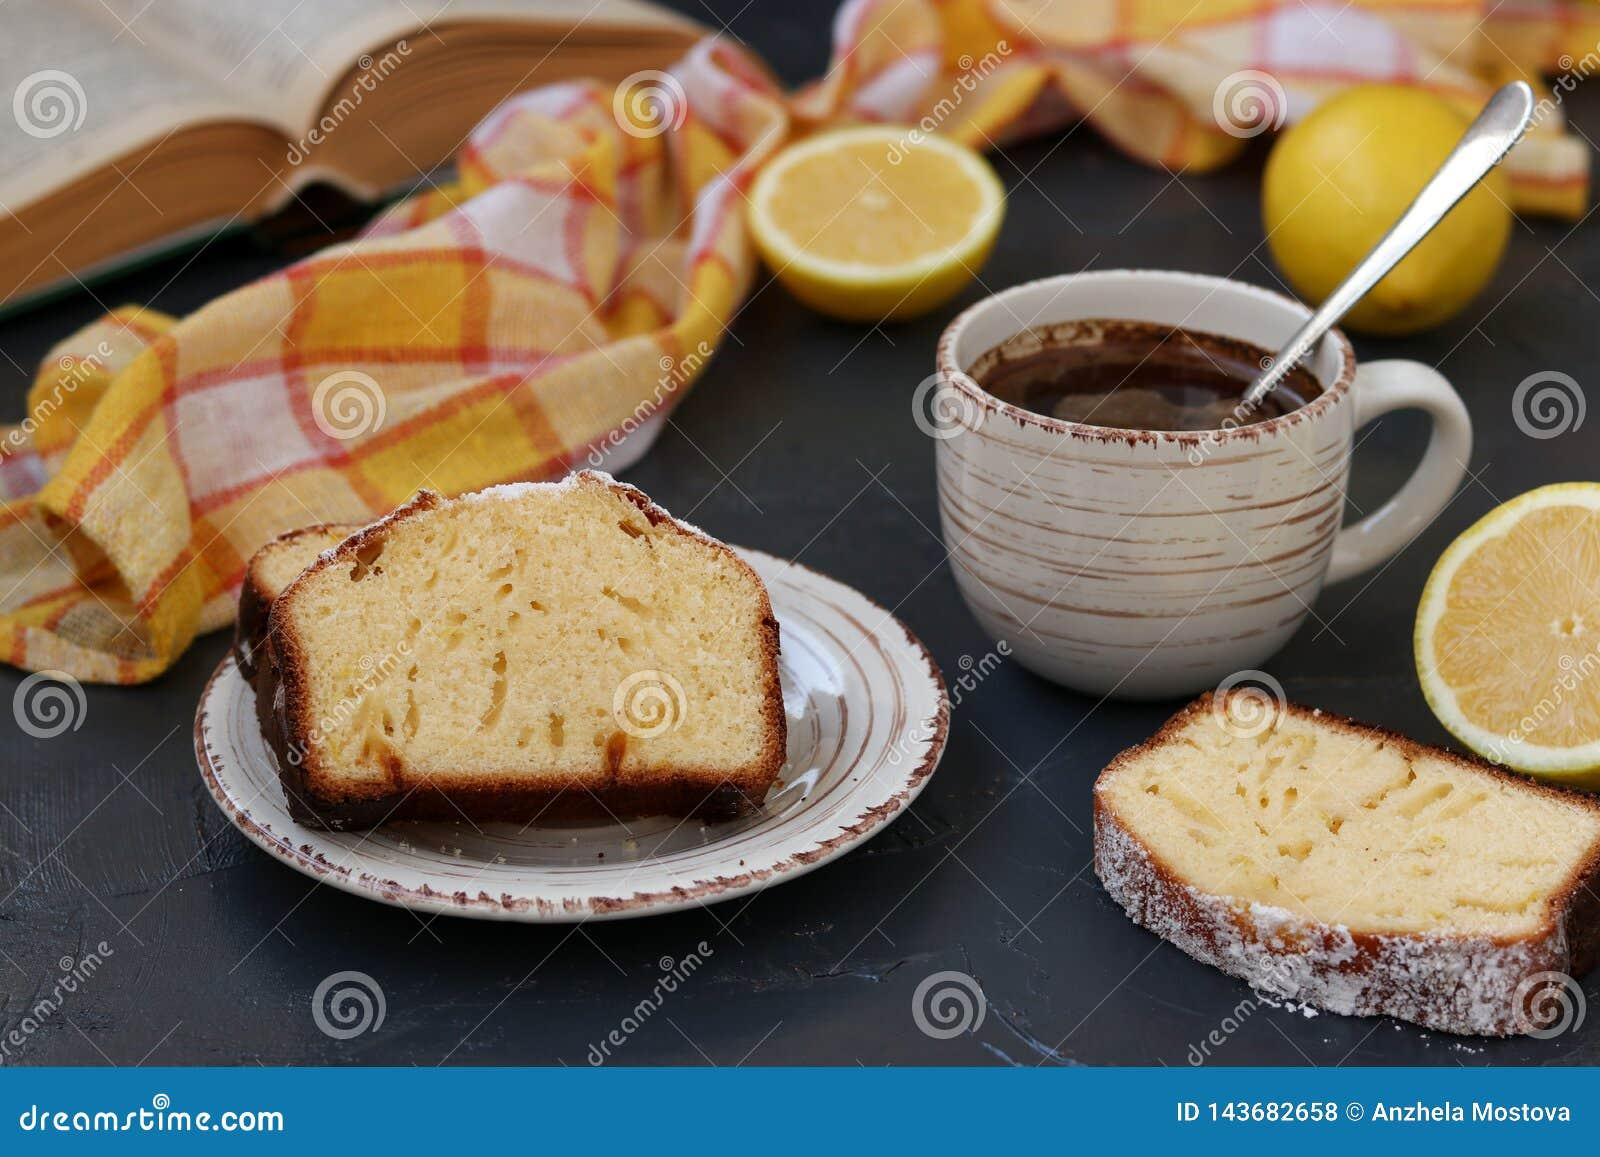 Queque do limão arranjado em uma placa contra um fundo escuro com uma xícara de café no fundo